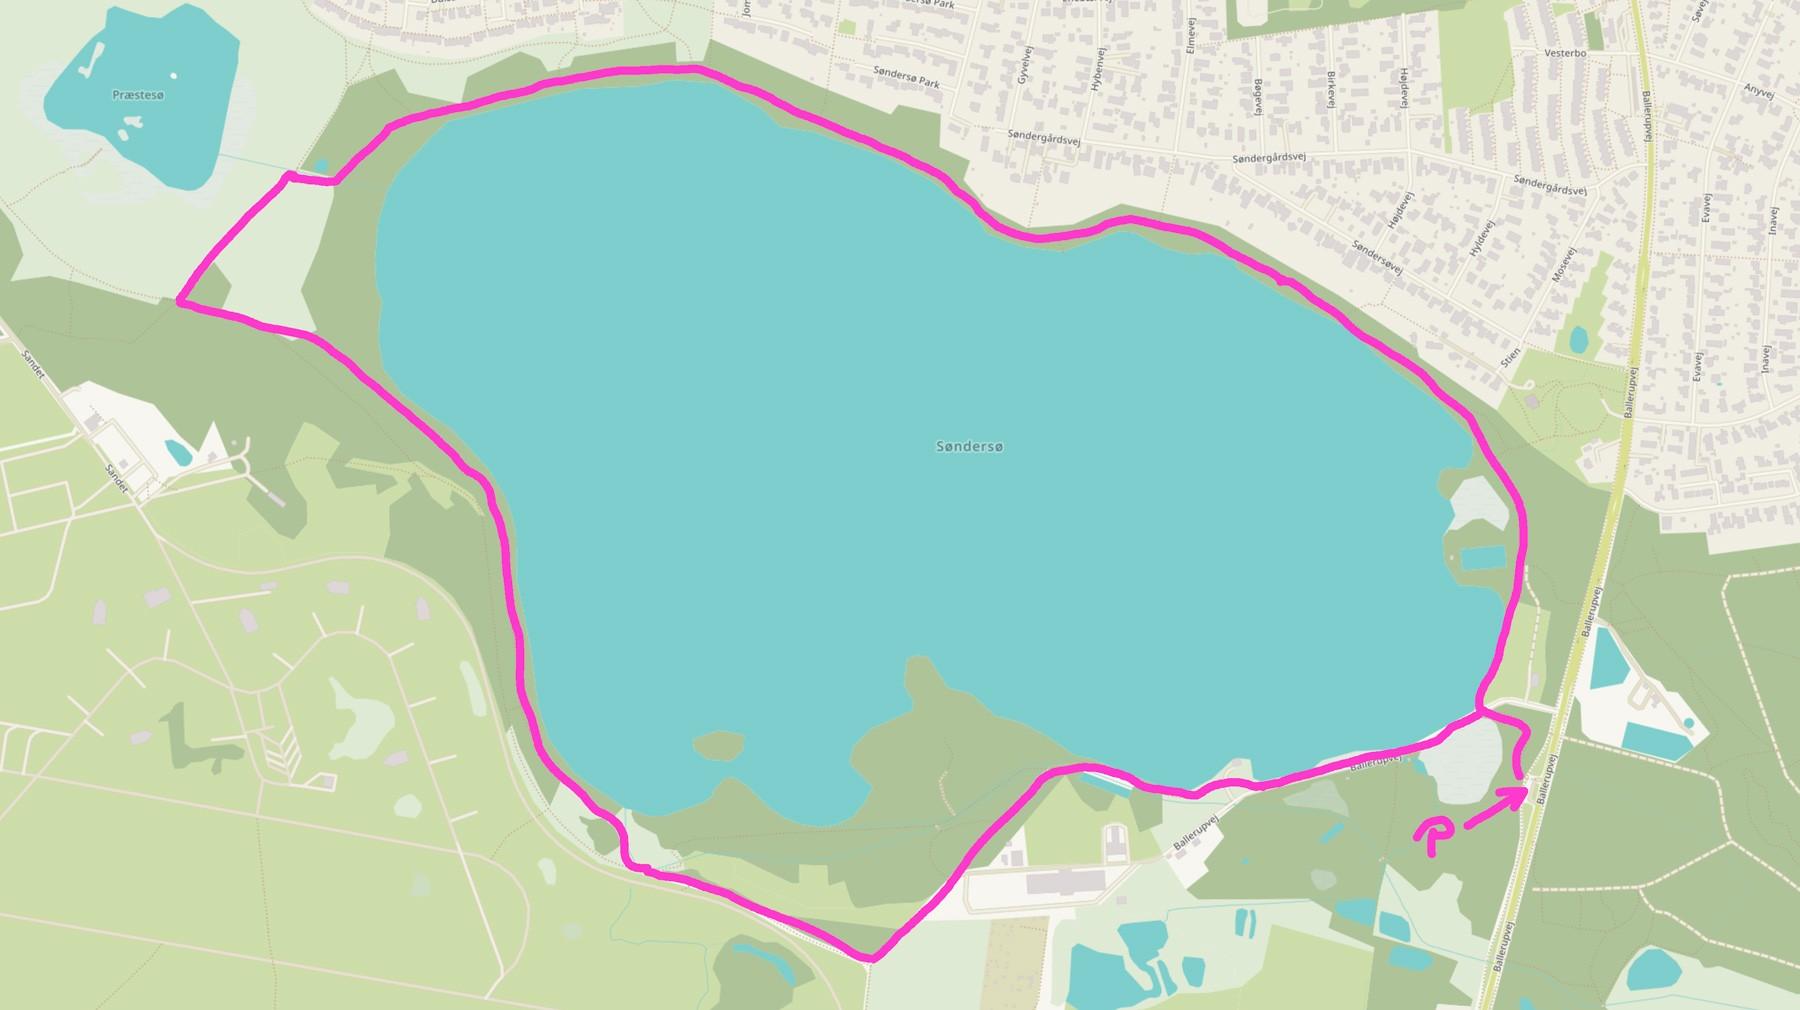 Søndersø rundt – Kort fra © OpenStreetMap-bidragsydere – Open Street map er åbne data